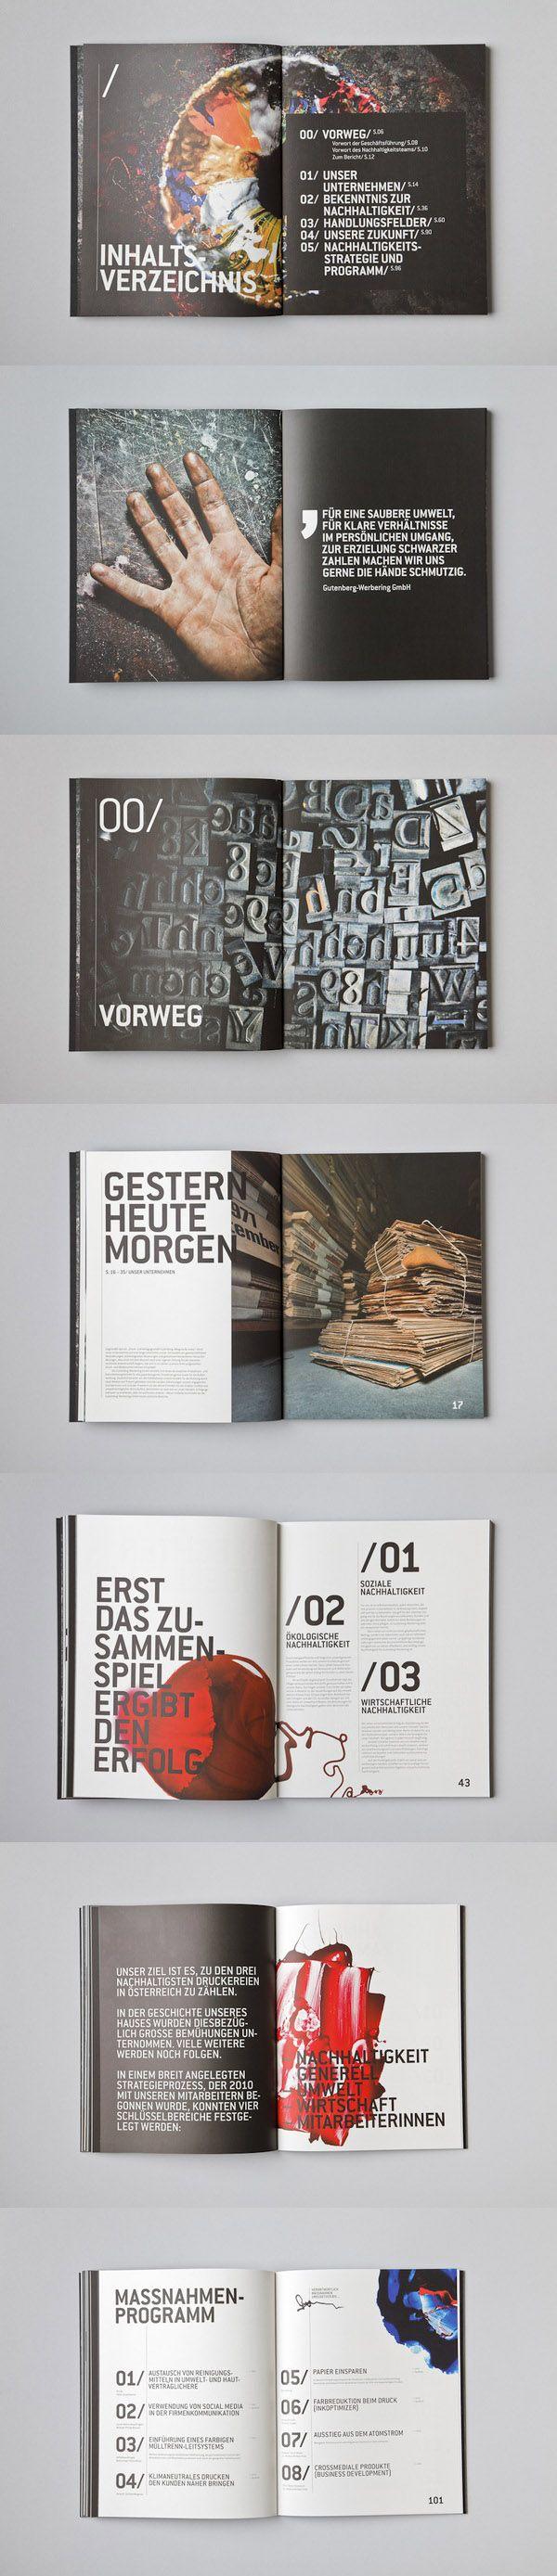 WIR MACHEN UNS DIE HÄNDE SCHMUTZIG Sustainability report for Gutenberg-Werbering GmbH, an Austrian printing company Design- MOOI Design - Letitia Lehner & Julian Weidenthaler